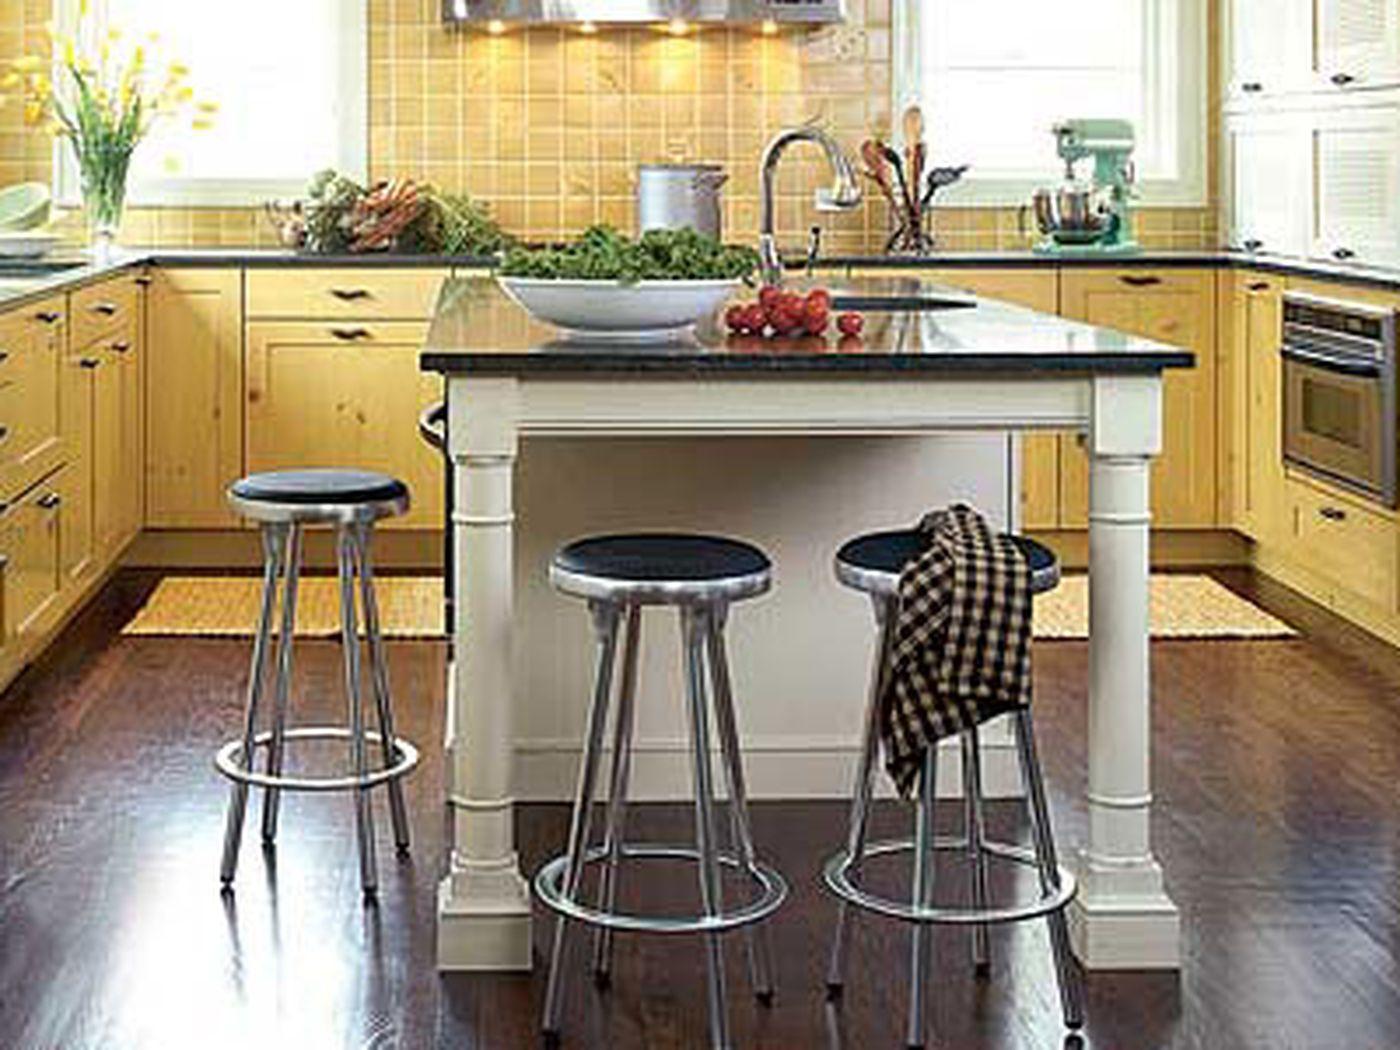 kitchen island design ideas this old